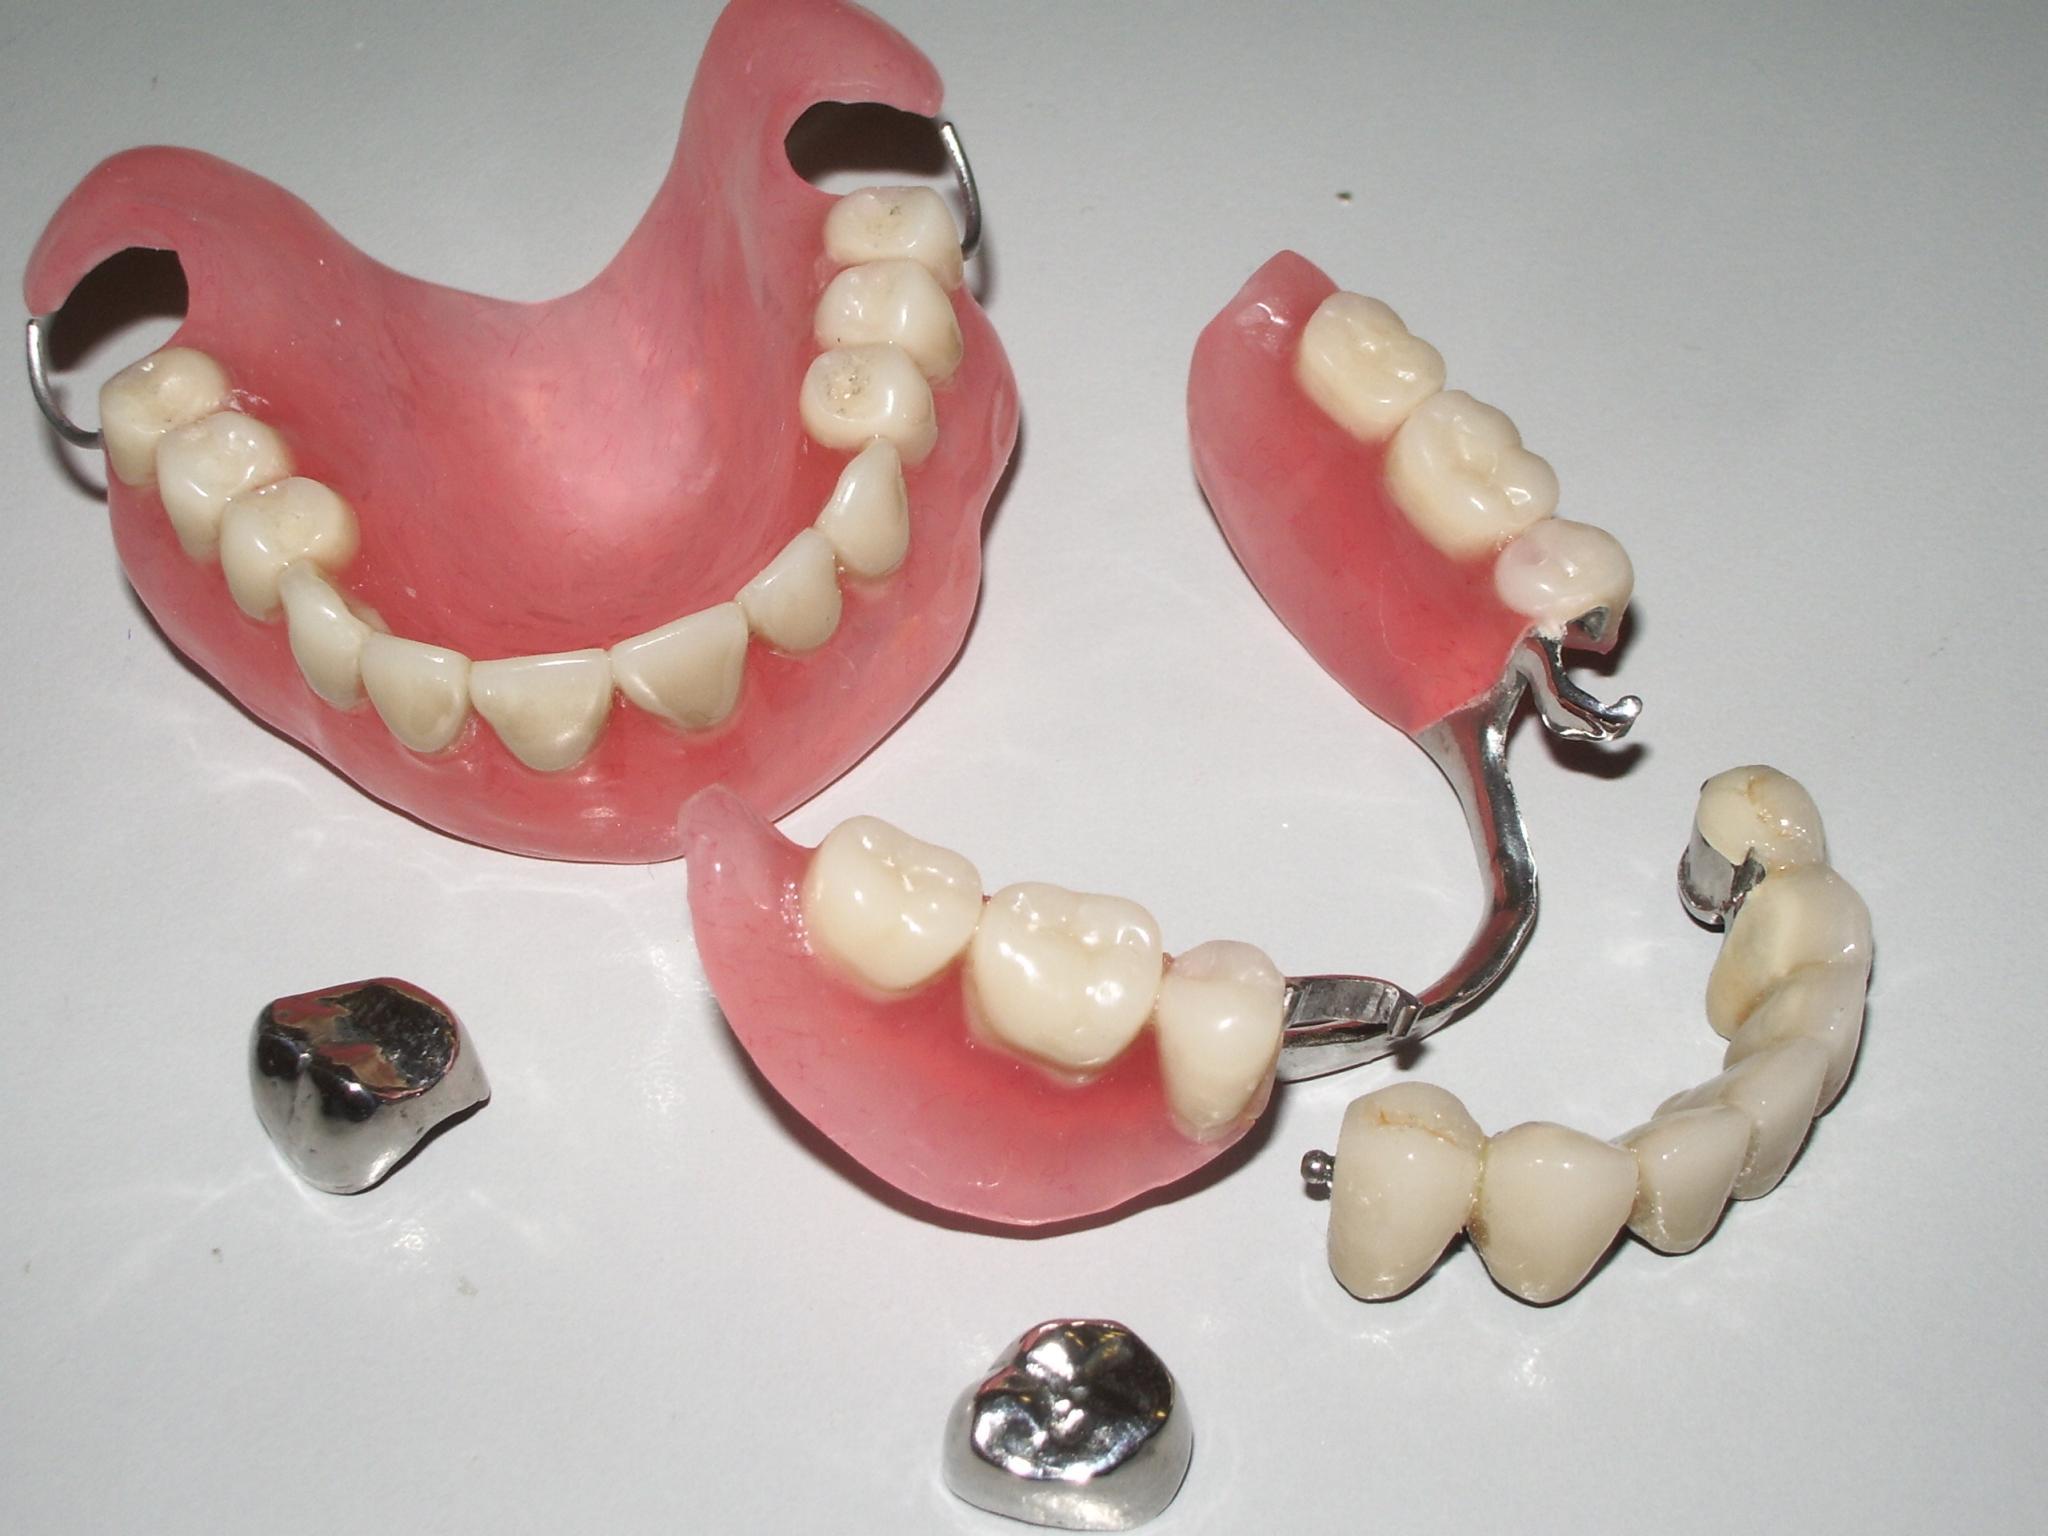 Как чистить съёмные зубные протезы в домашних условиях